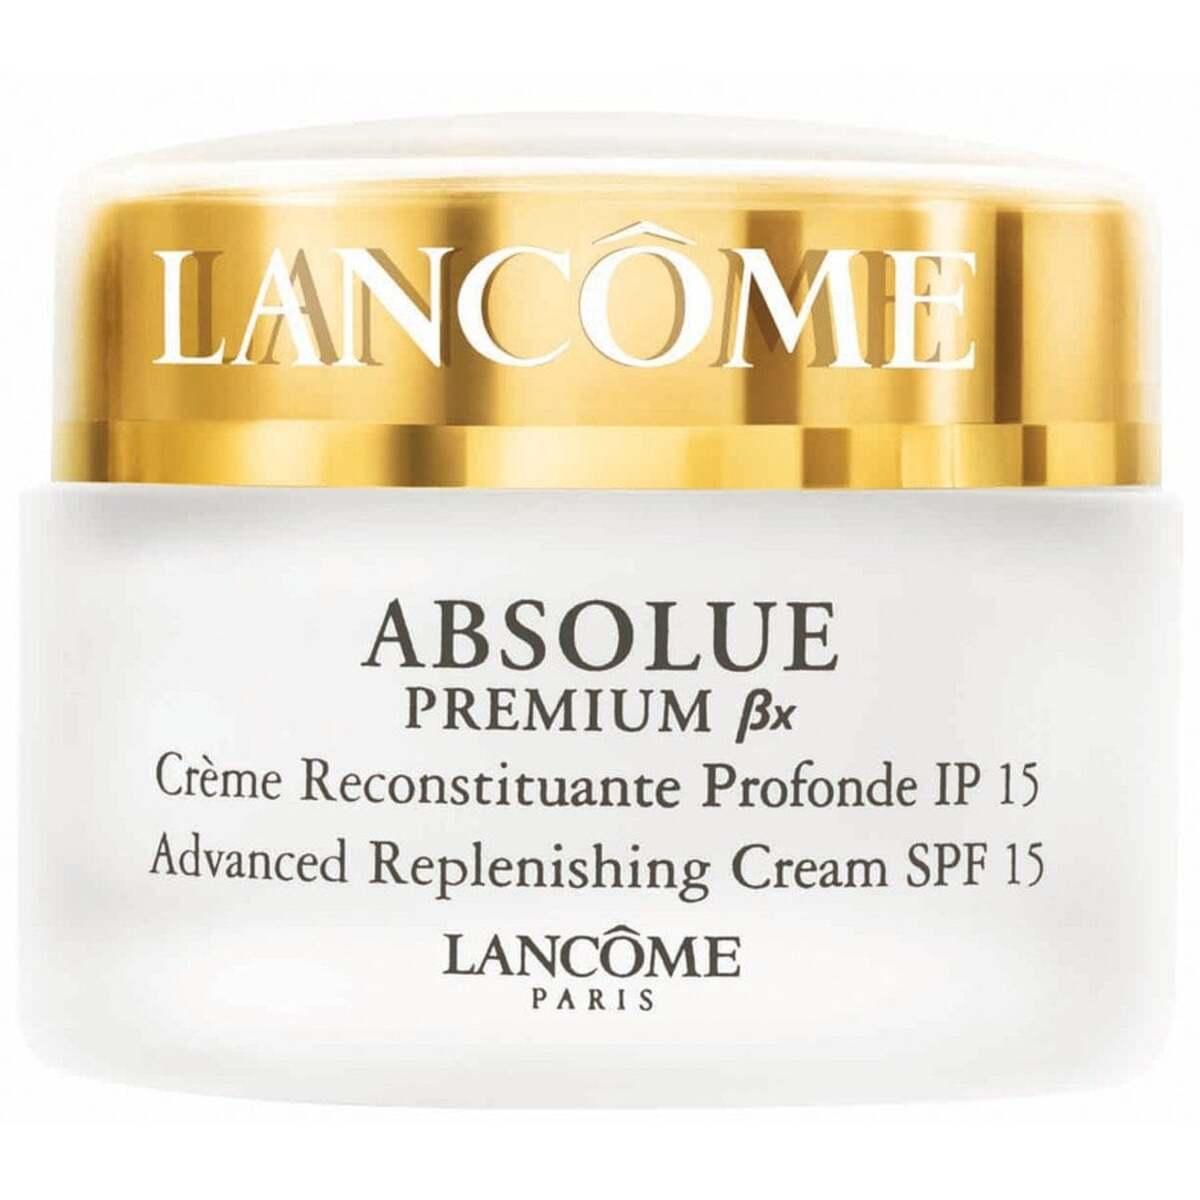 Bild 2 von Lancôme Tagespflege 50 ml Gesichtscreme 50.0 ml